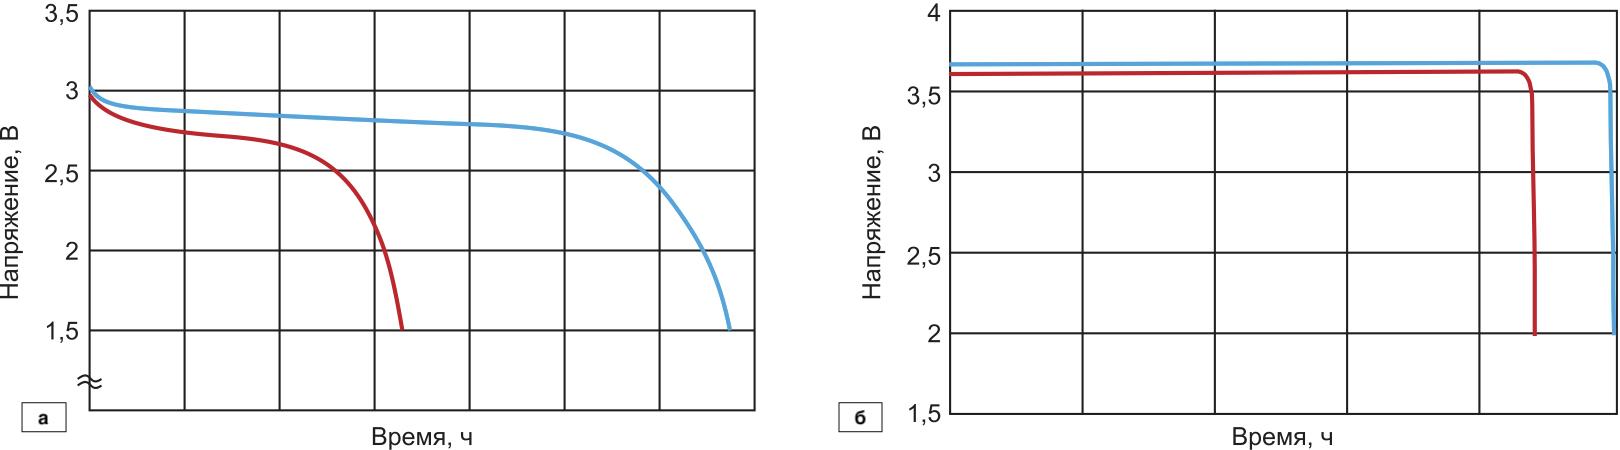 Типовые разрядные кривые ХИТ:Li-MnO2; Li-SOCl2